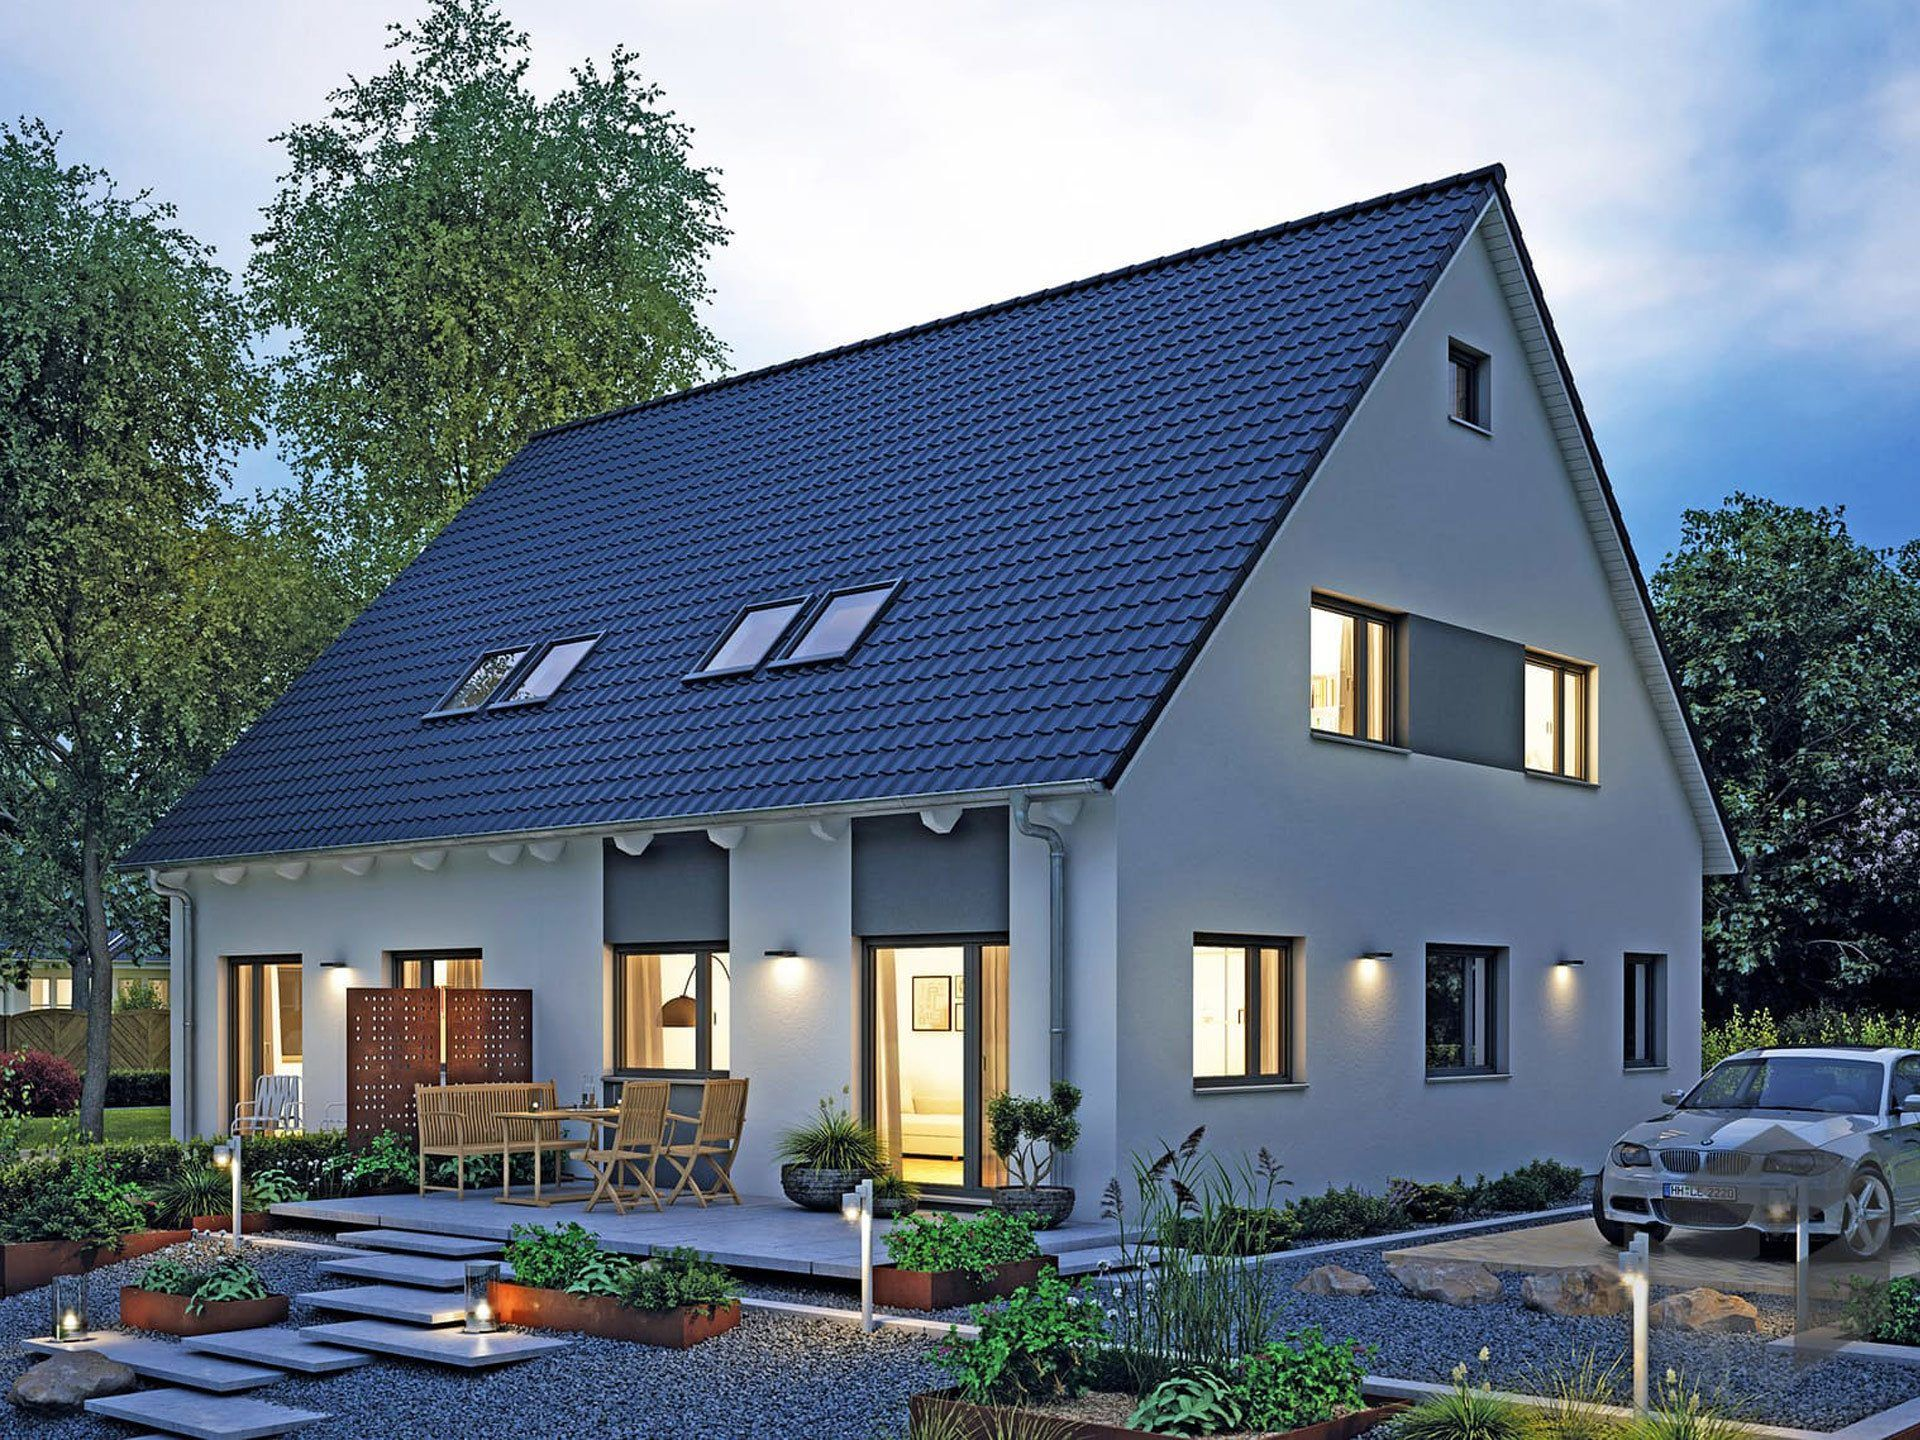 Fertighaus grundrisse doppelhaus  12 besten Mehr-Generationenhaus Bilder auf Pinterest ...